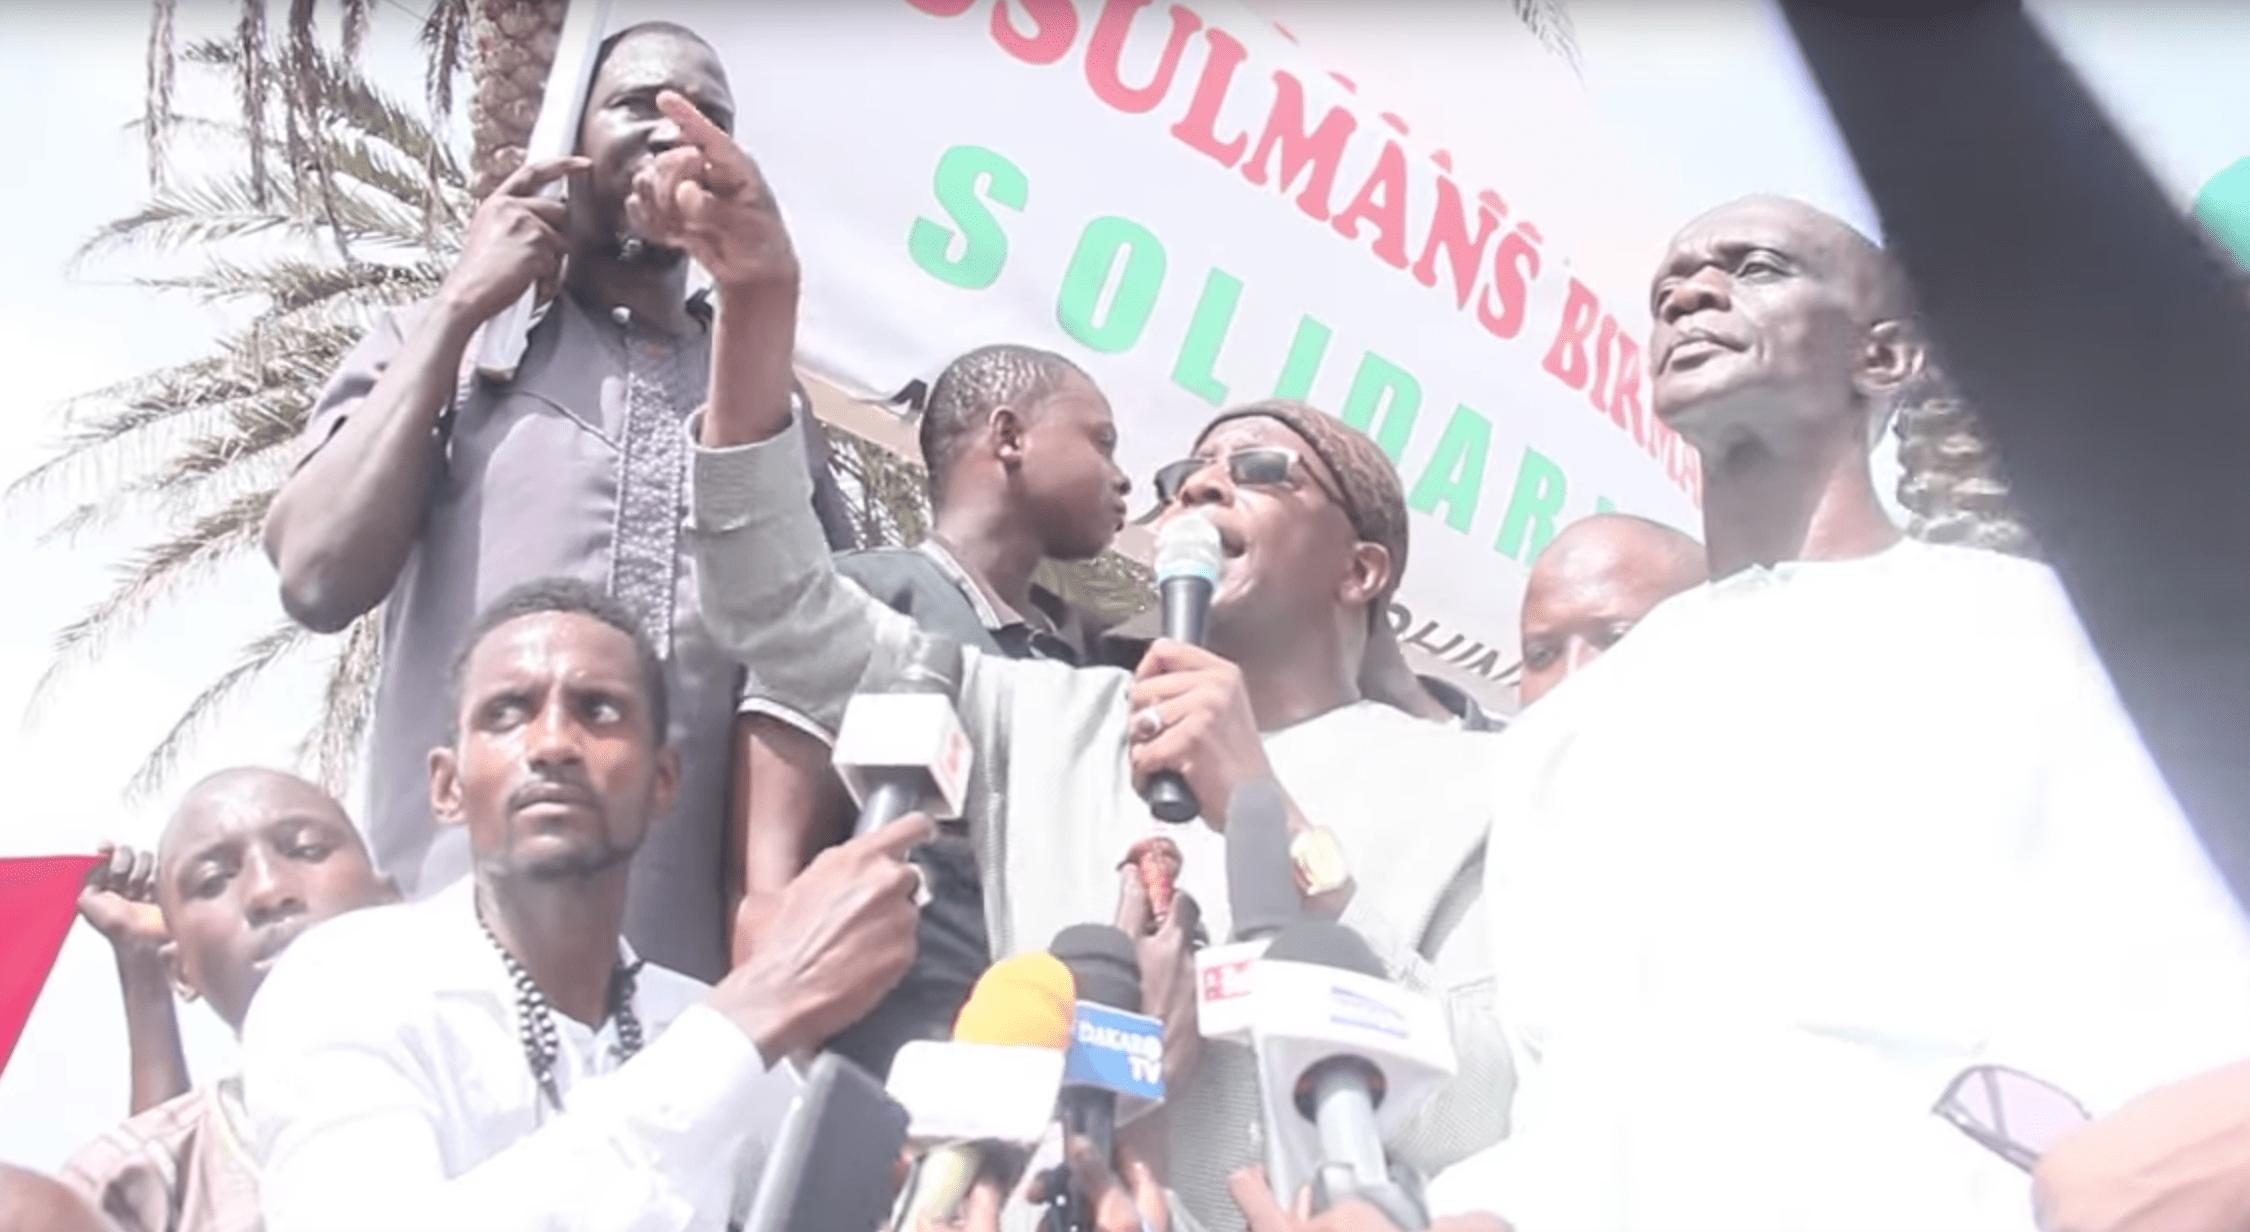 Autorisation de réunions maçonniques:  Les religieux annoncent saisir la justice contre l'arrêté préfectoral